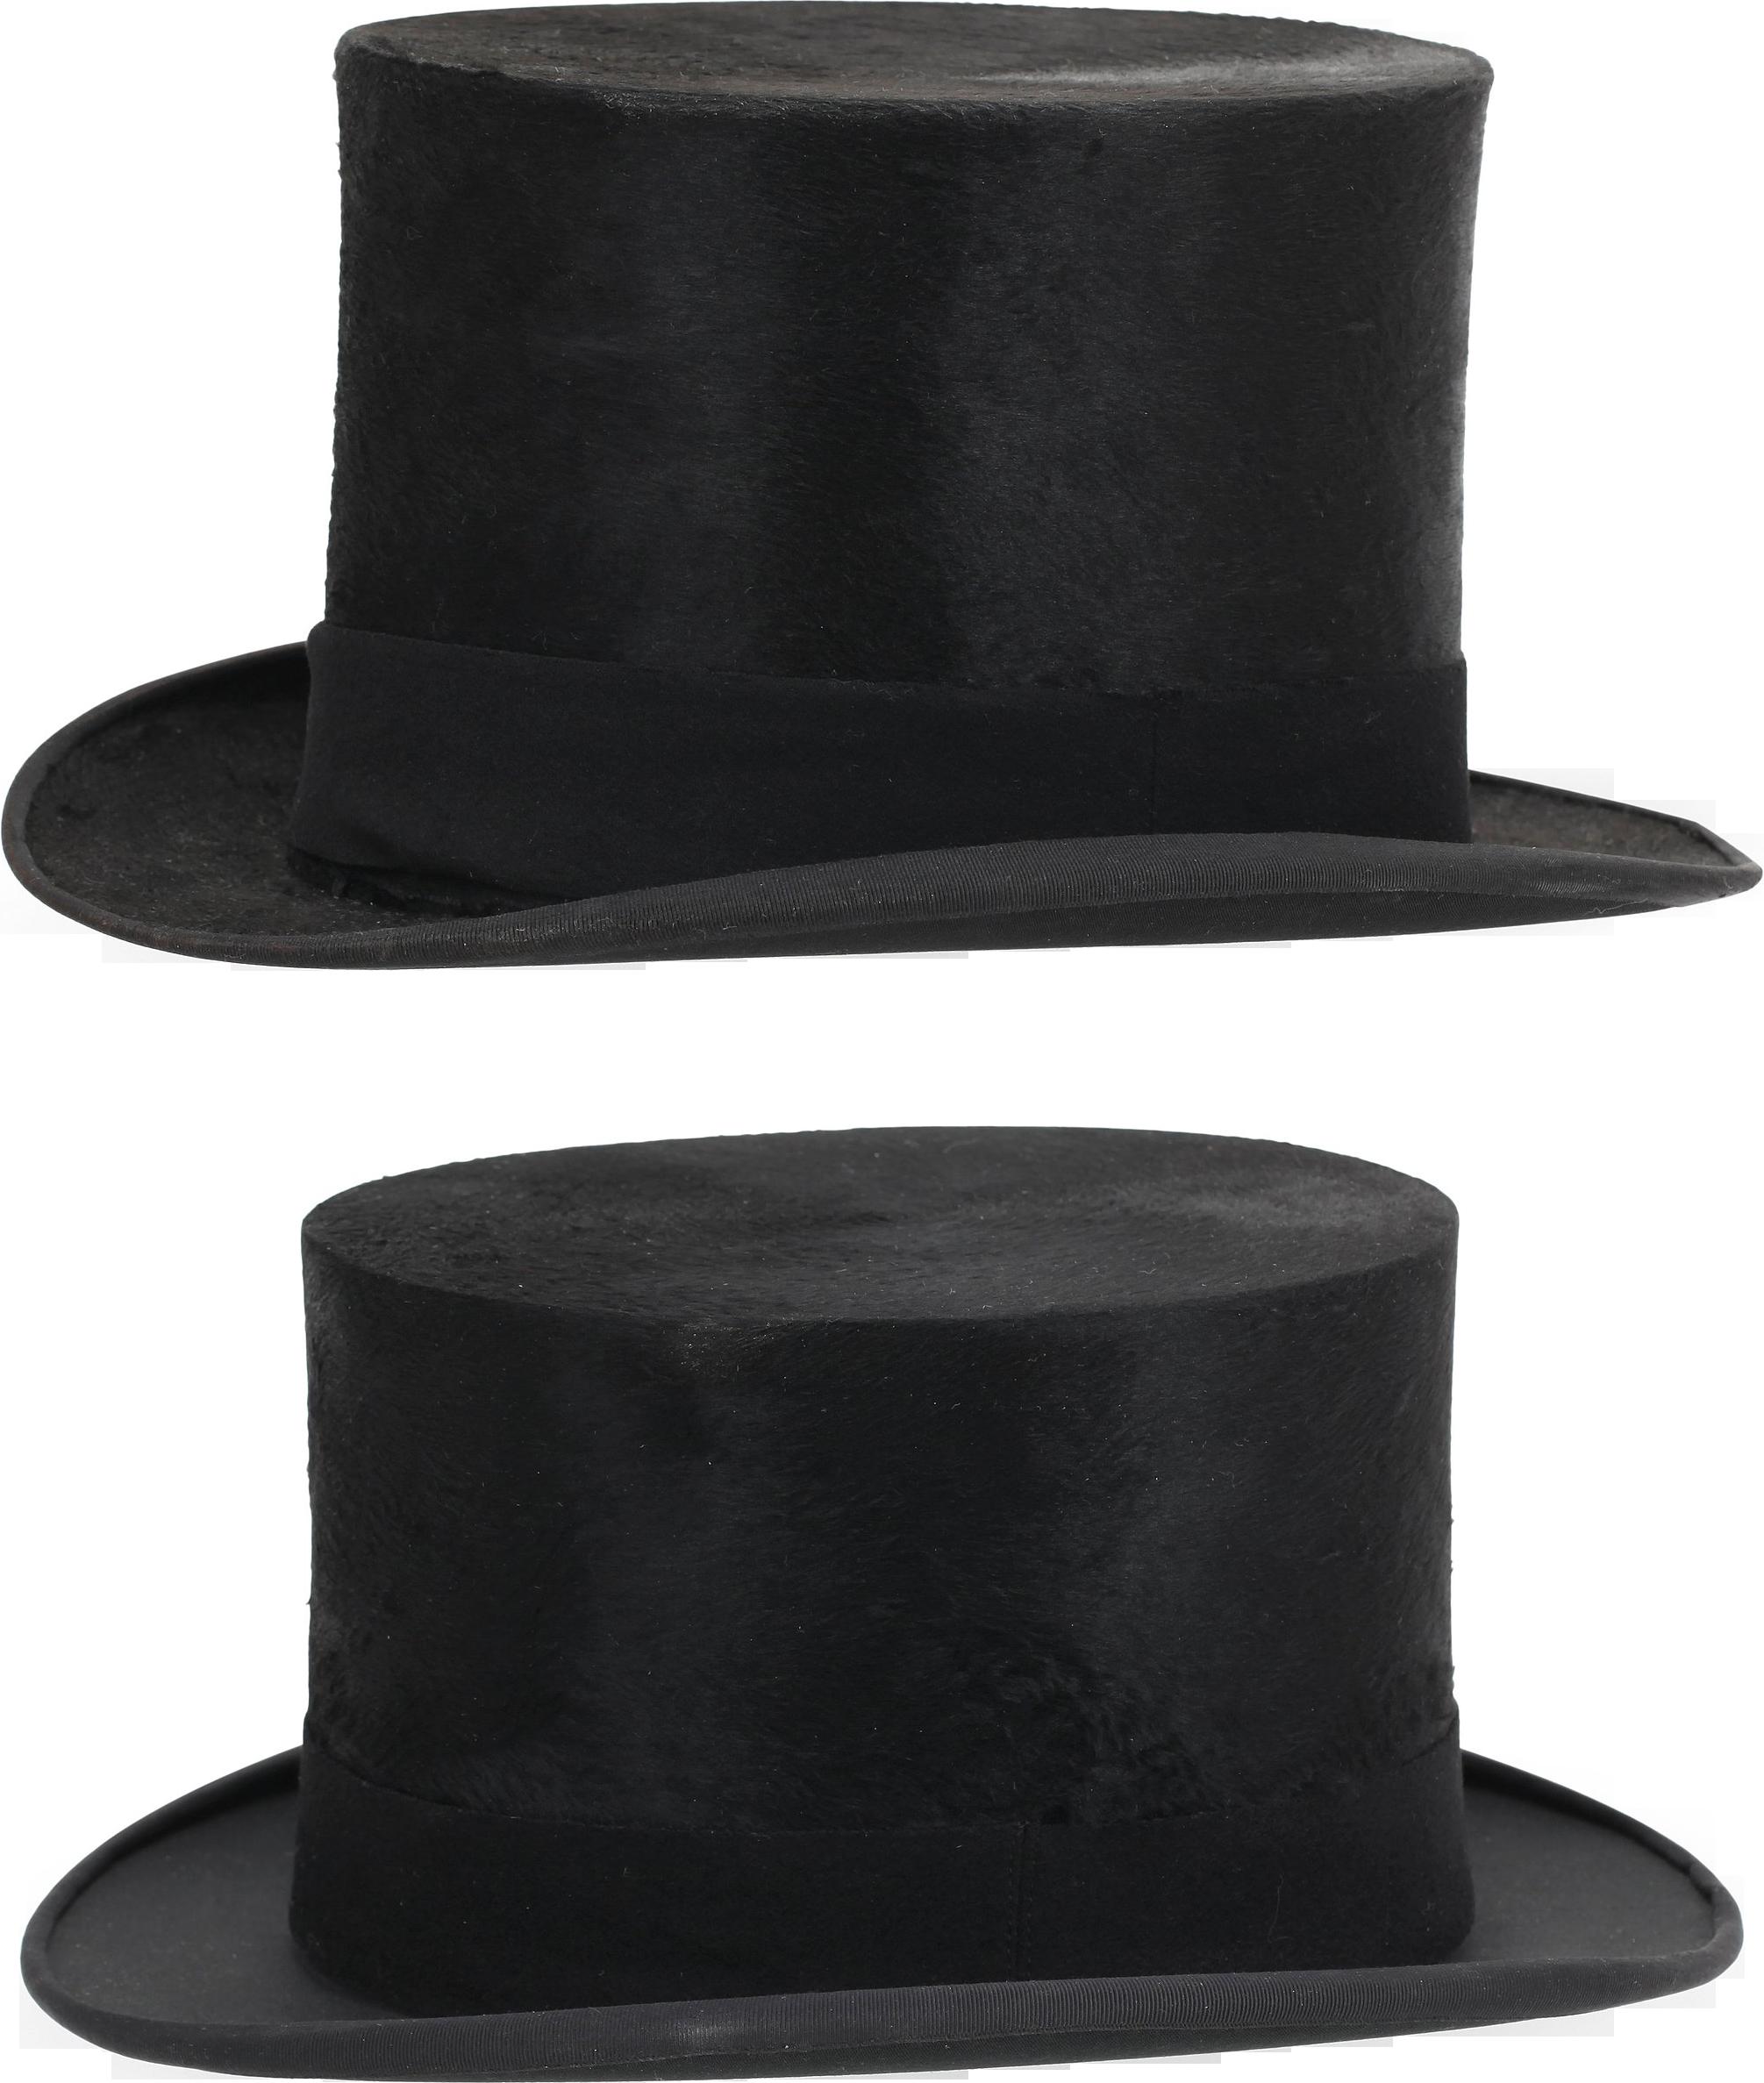 Two Black Hat Png Image Black Hat Hats Black